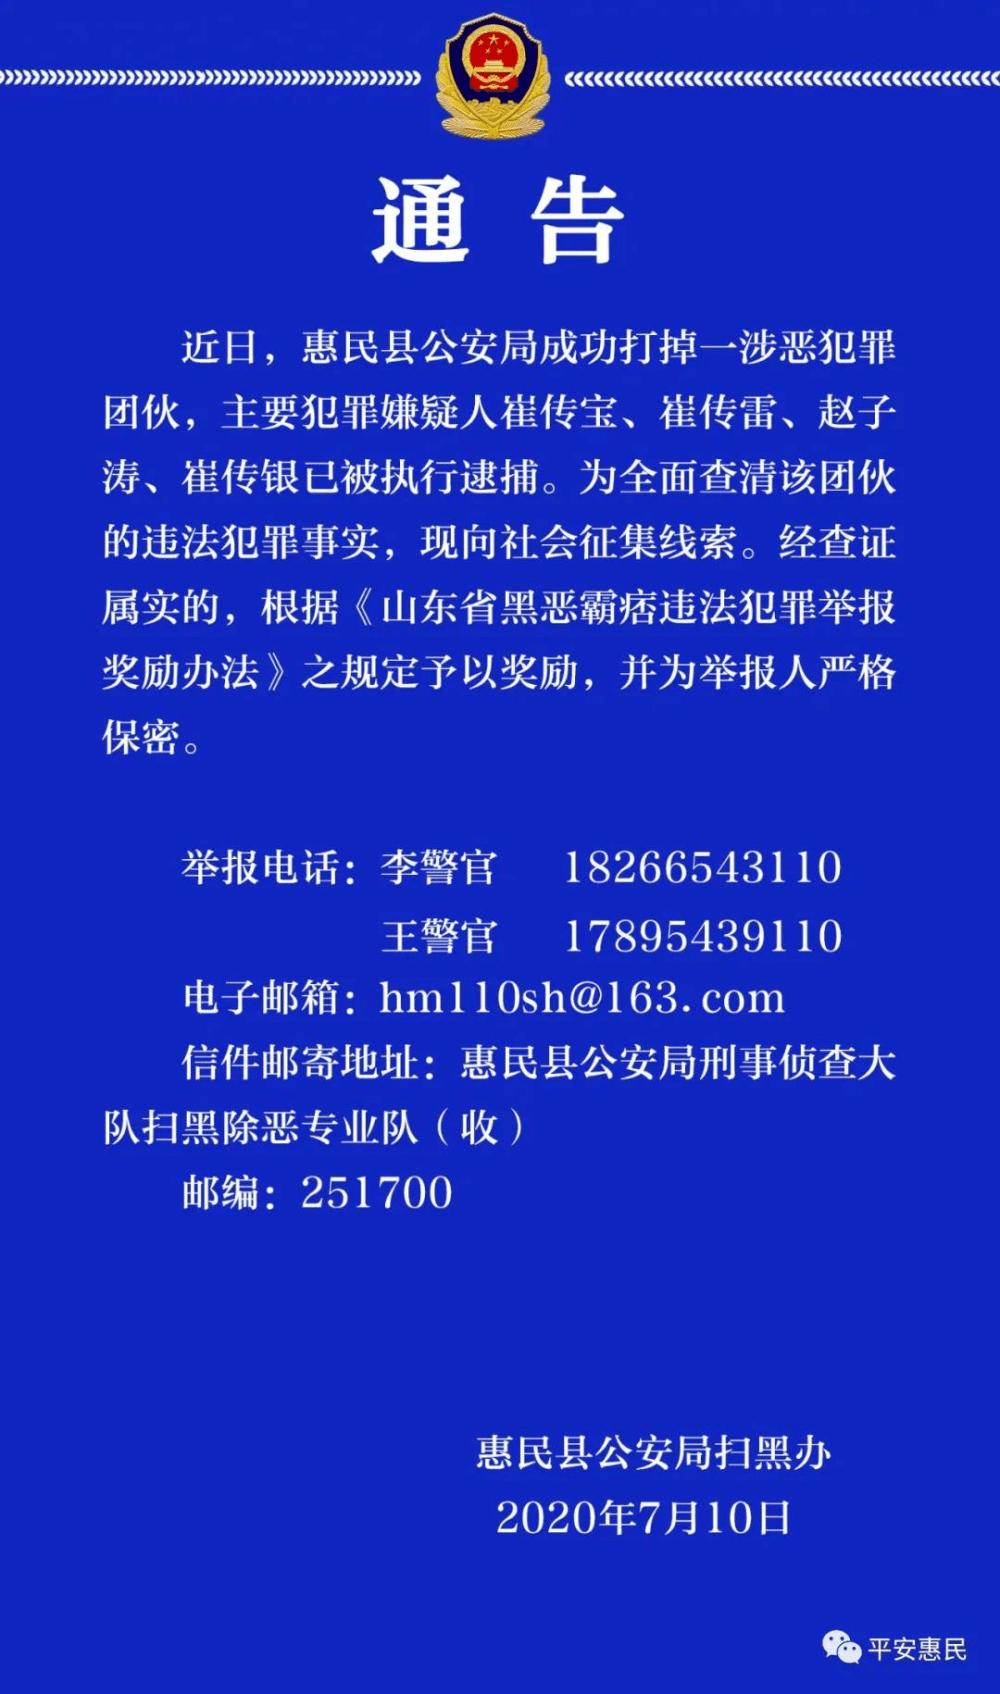 滨州一涉恶犯罪团伙被打掉现向社会征集线索